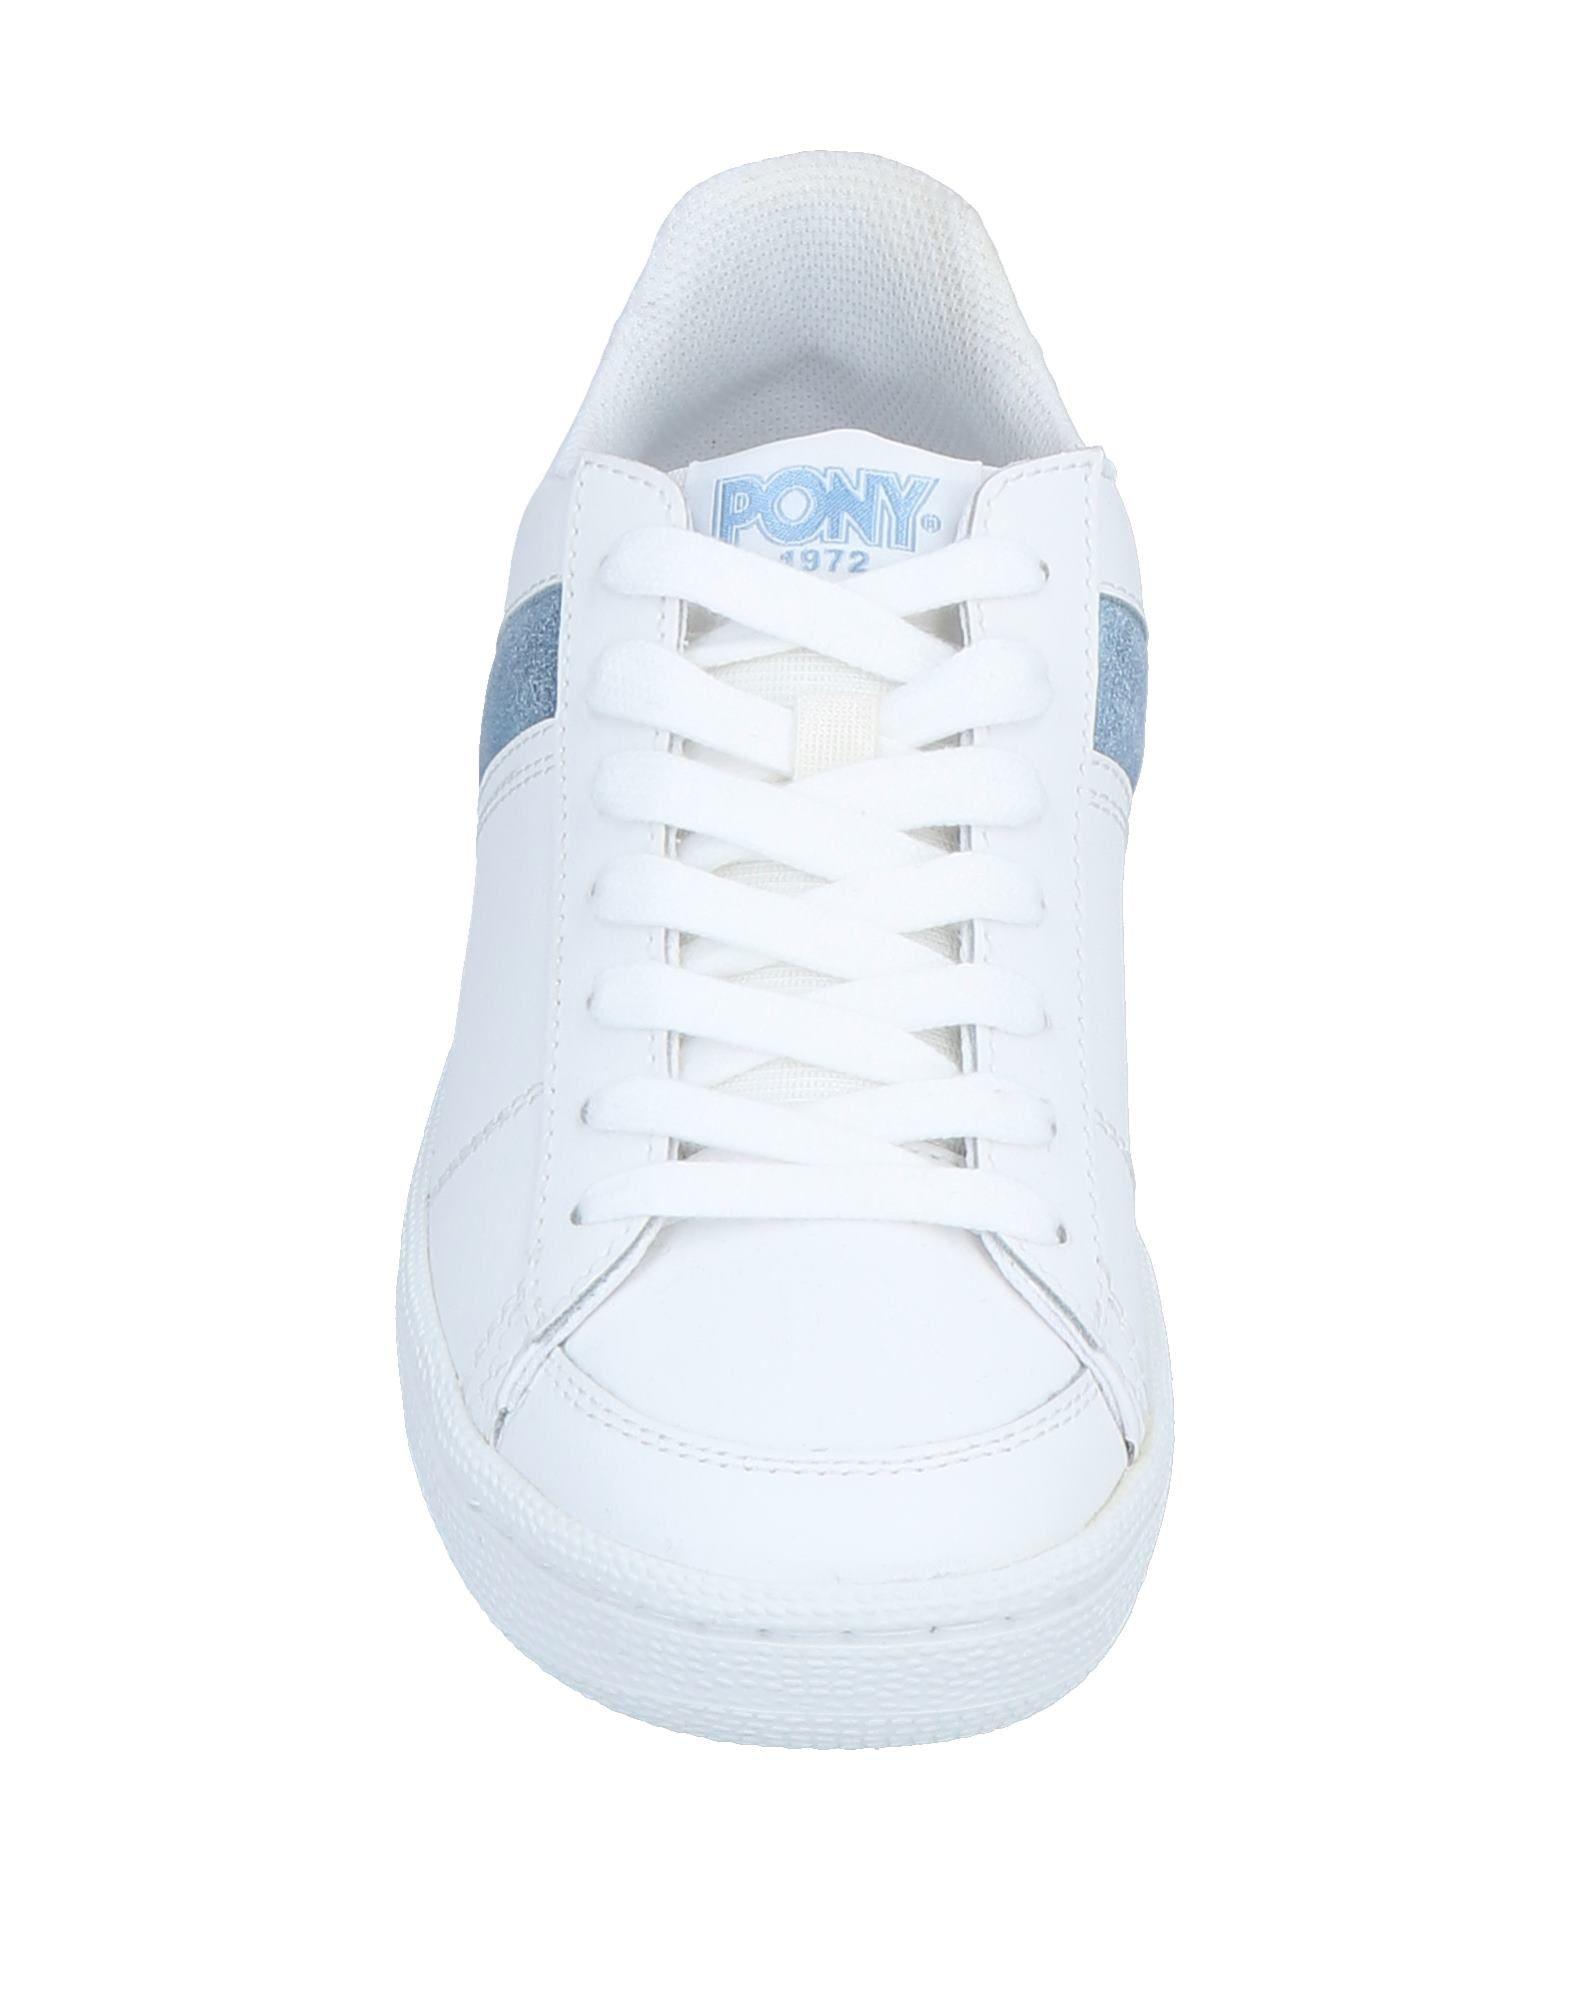 Pony Turnschuhes Damen Qualität 11559276IH Gute Qualität Damen beliebte Schuhe 3e4480